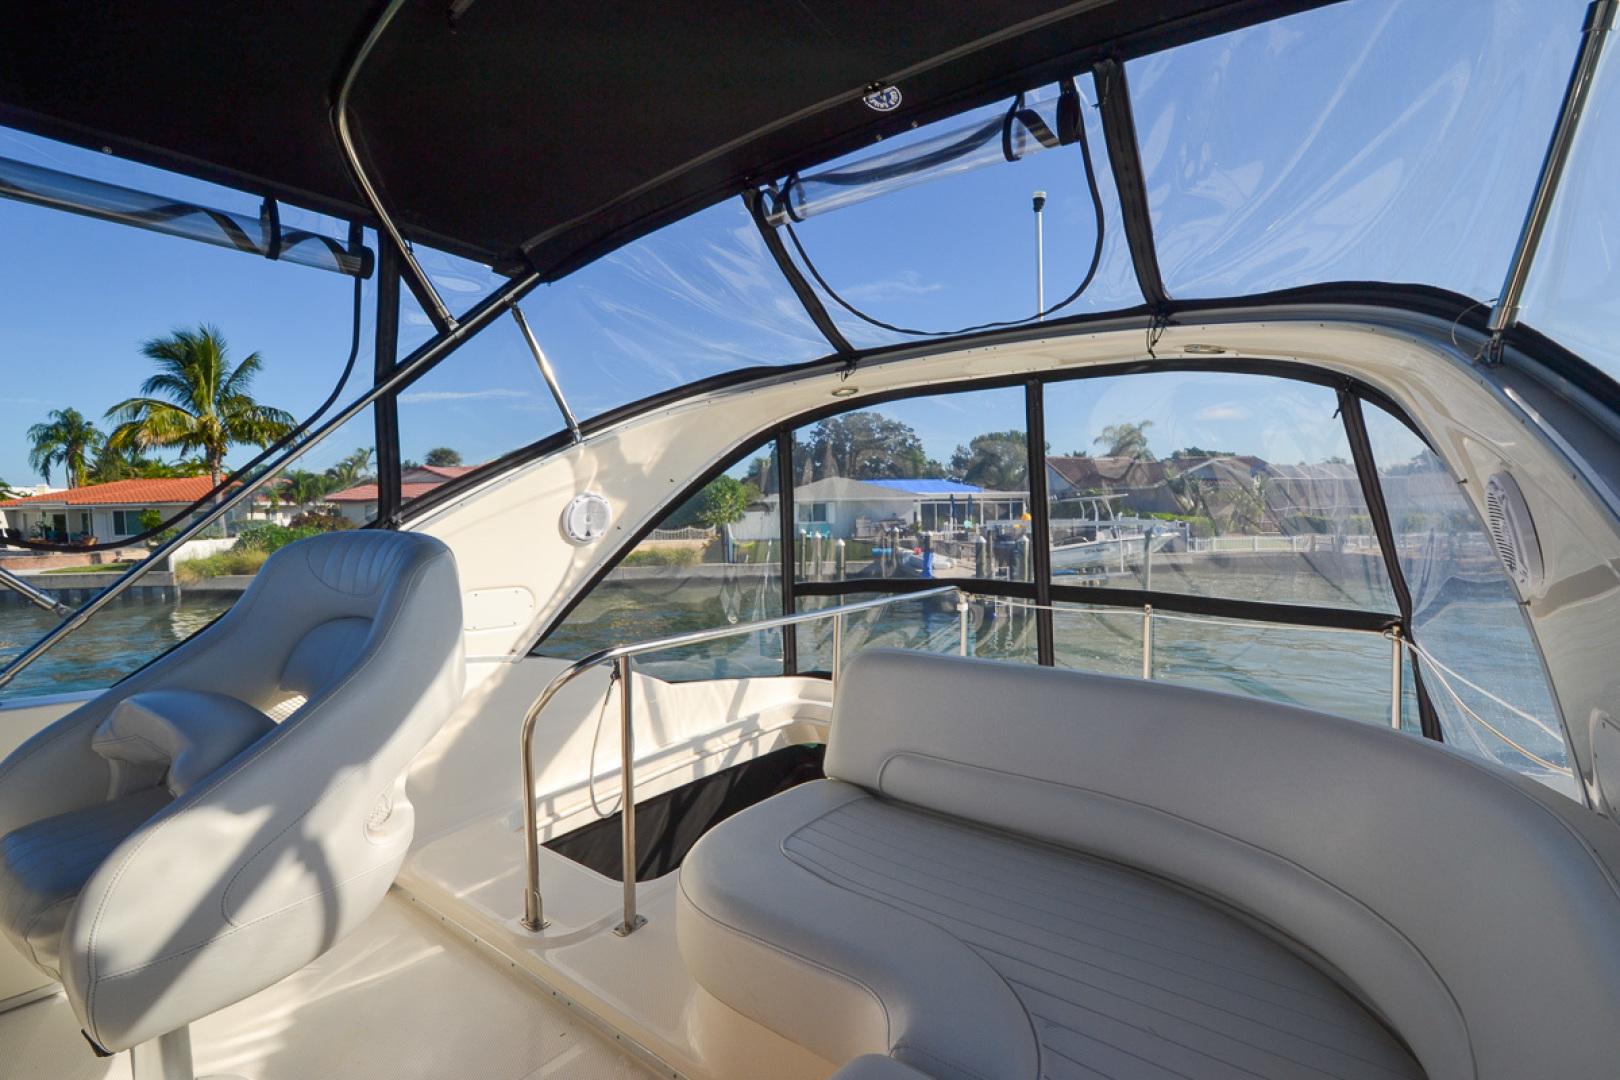 Meridian-341 Sedan 2004-Sea Harmony Belleair Beach-Florida-United States-1496621 | Thumbnail